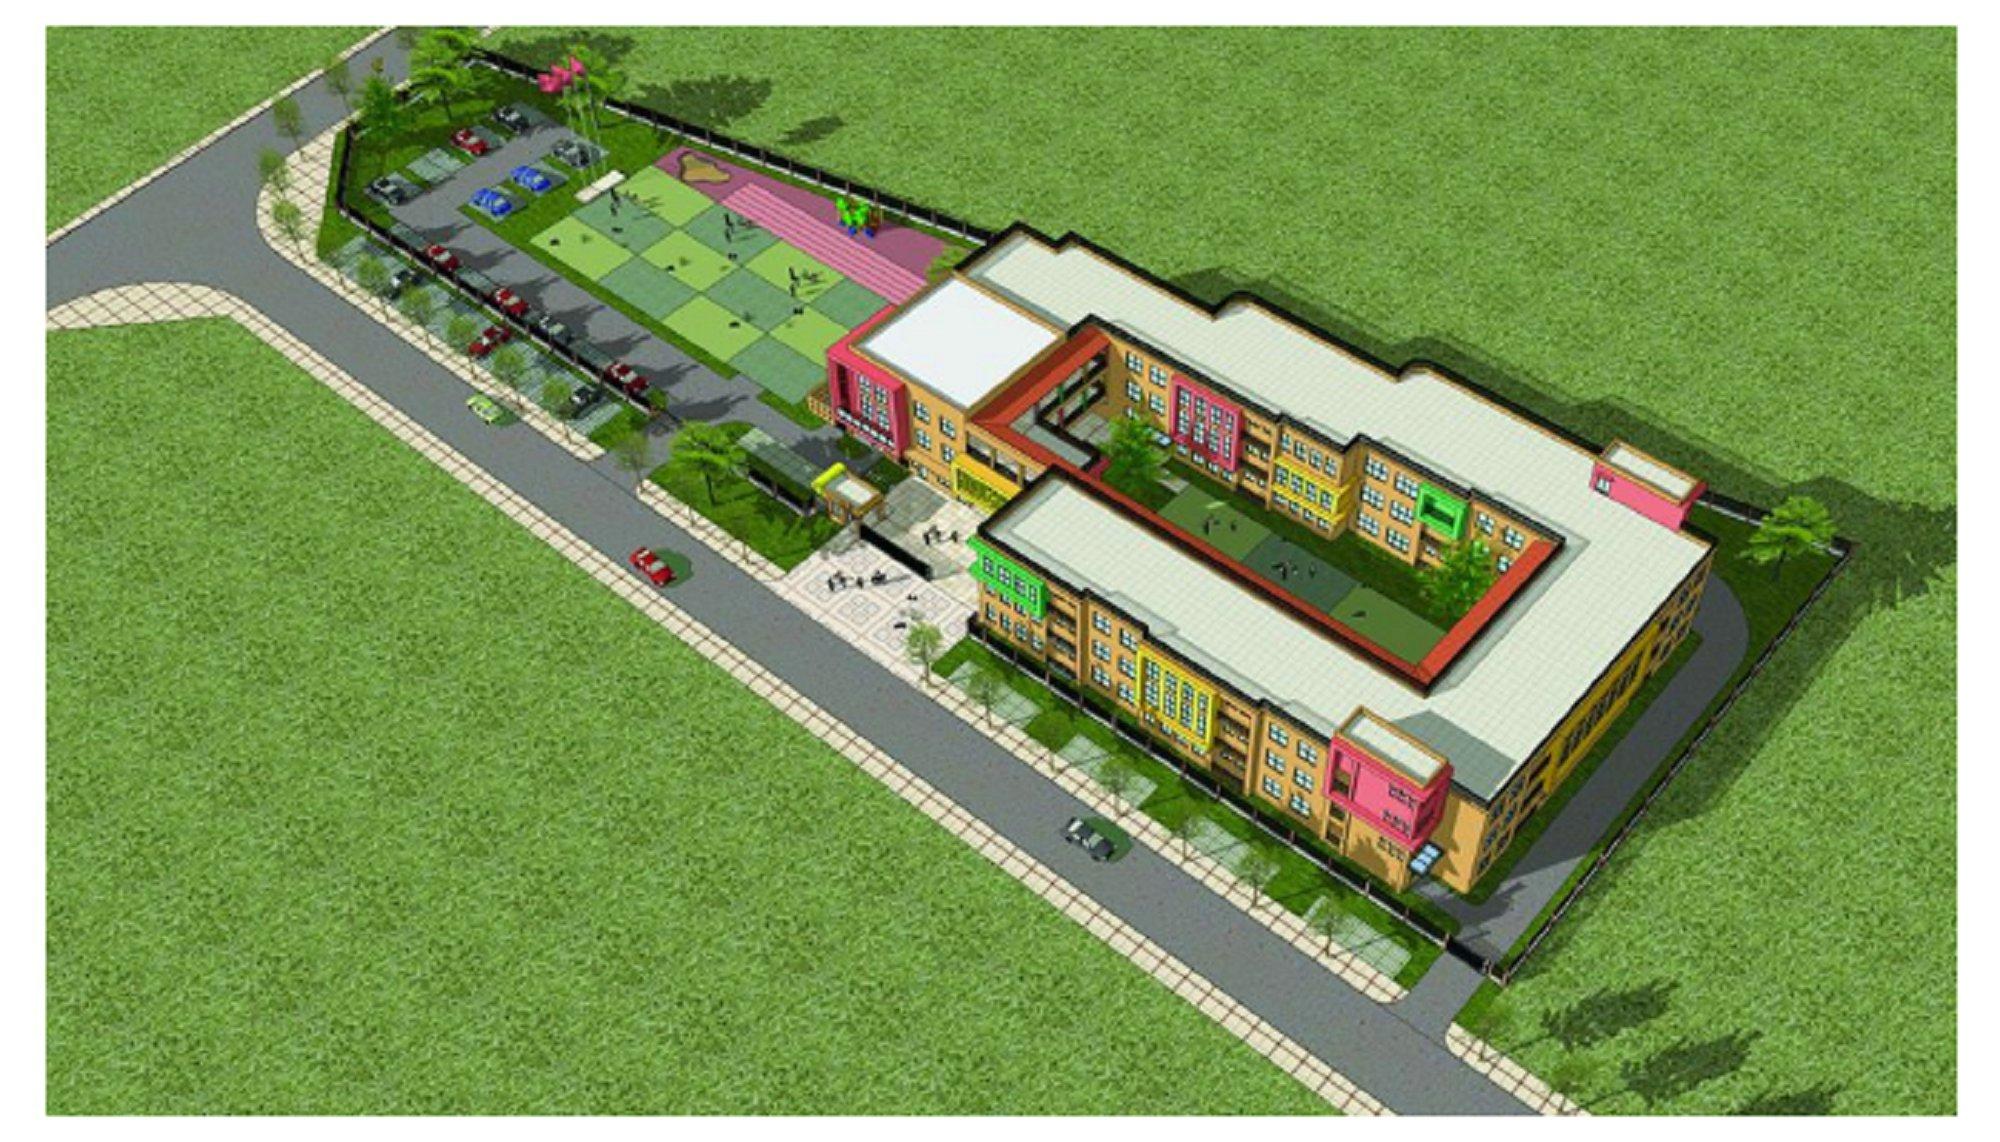 德阳城区新添数个公立幼儿园,家门口的业主笑嘻嘻